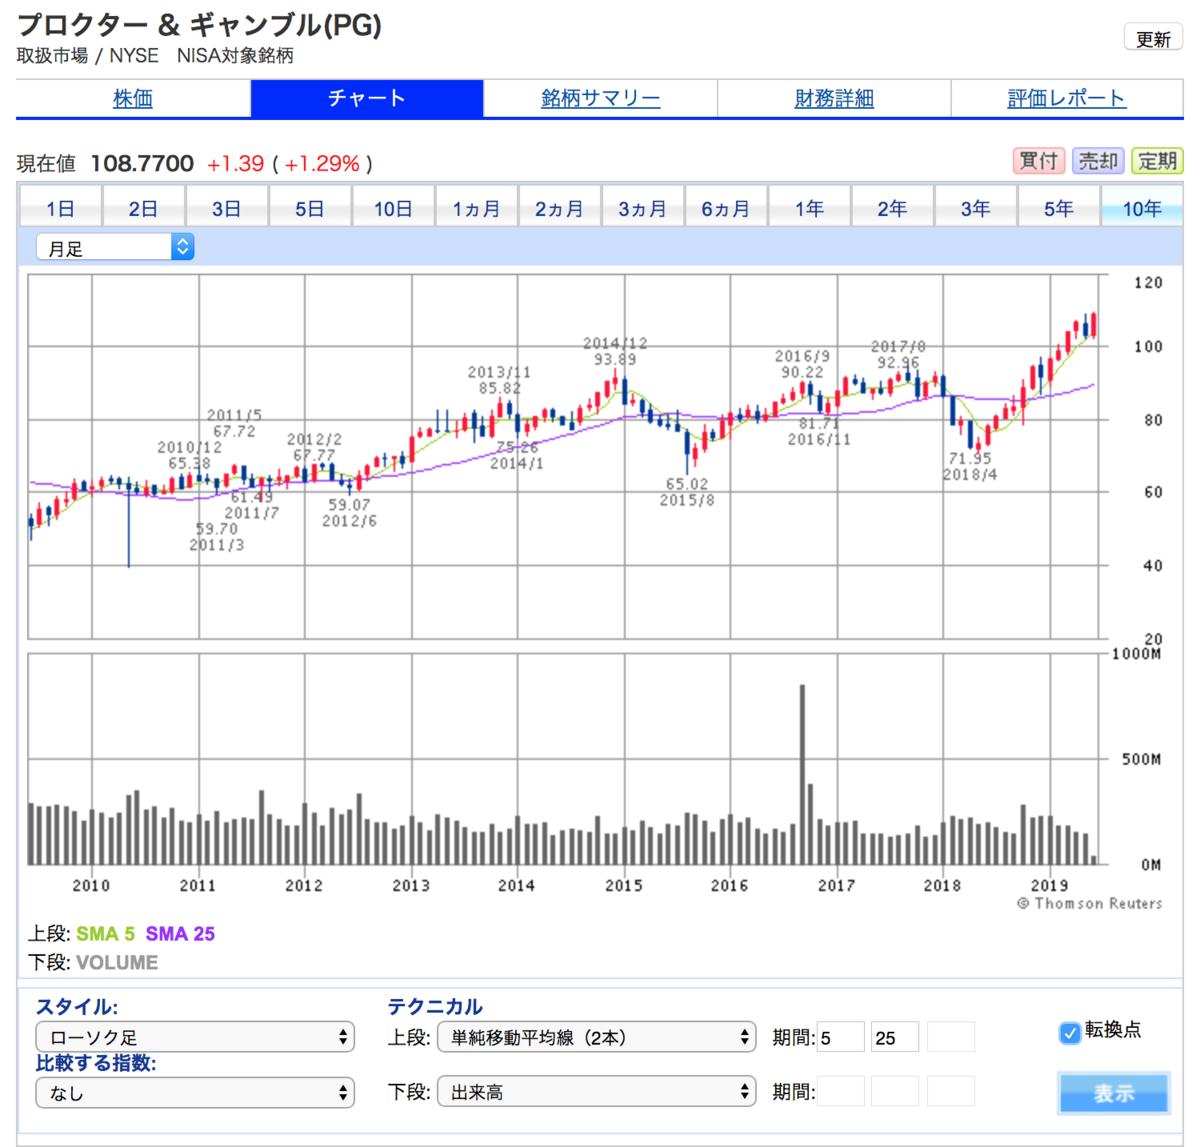 プロクター&ギャンブルの10年株価チャート良好な推移です。